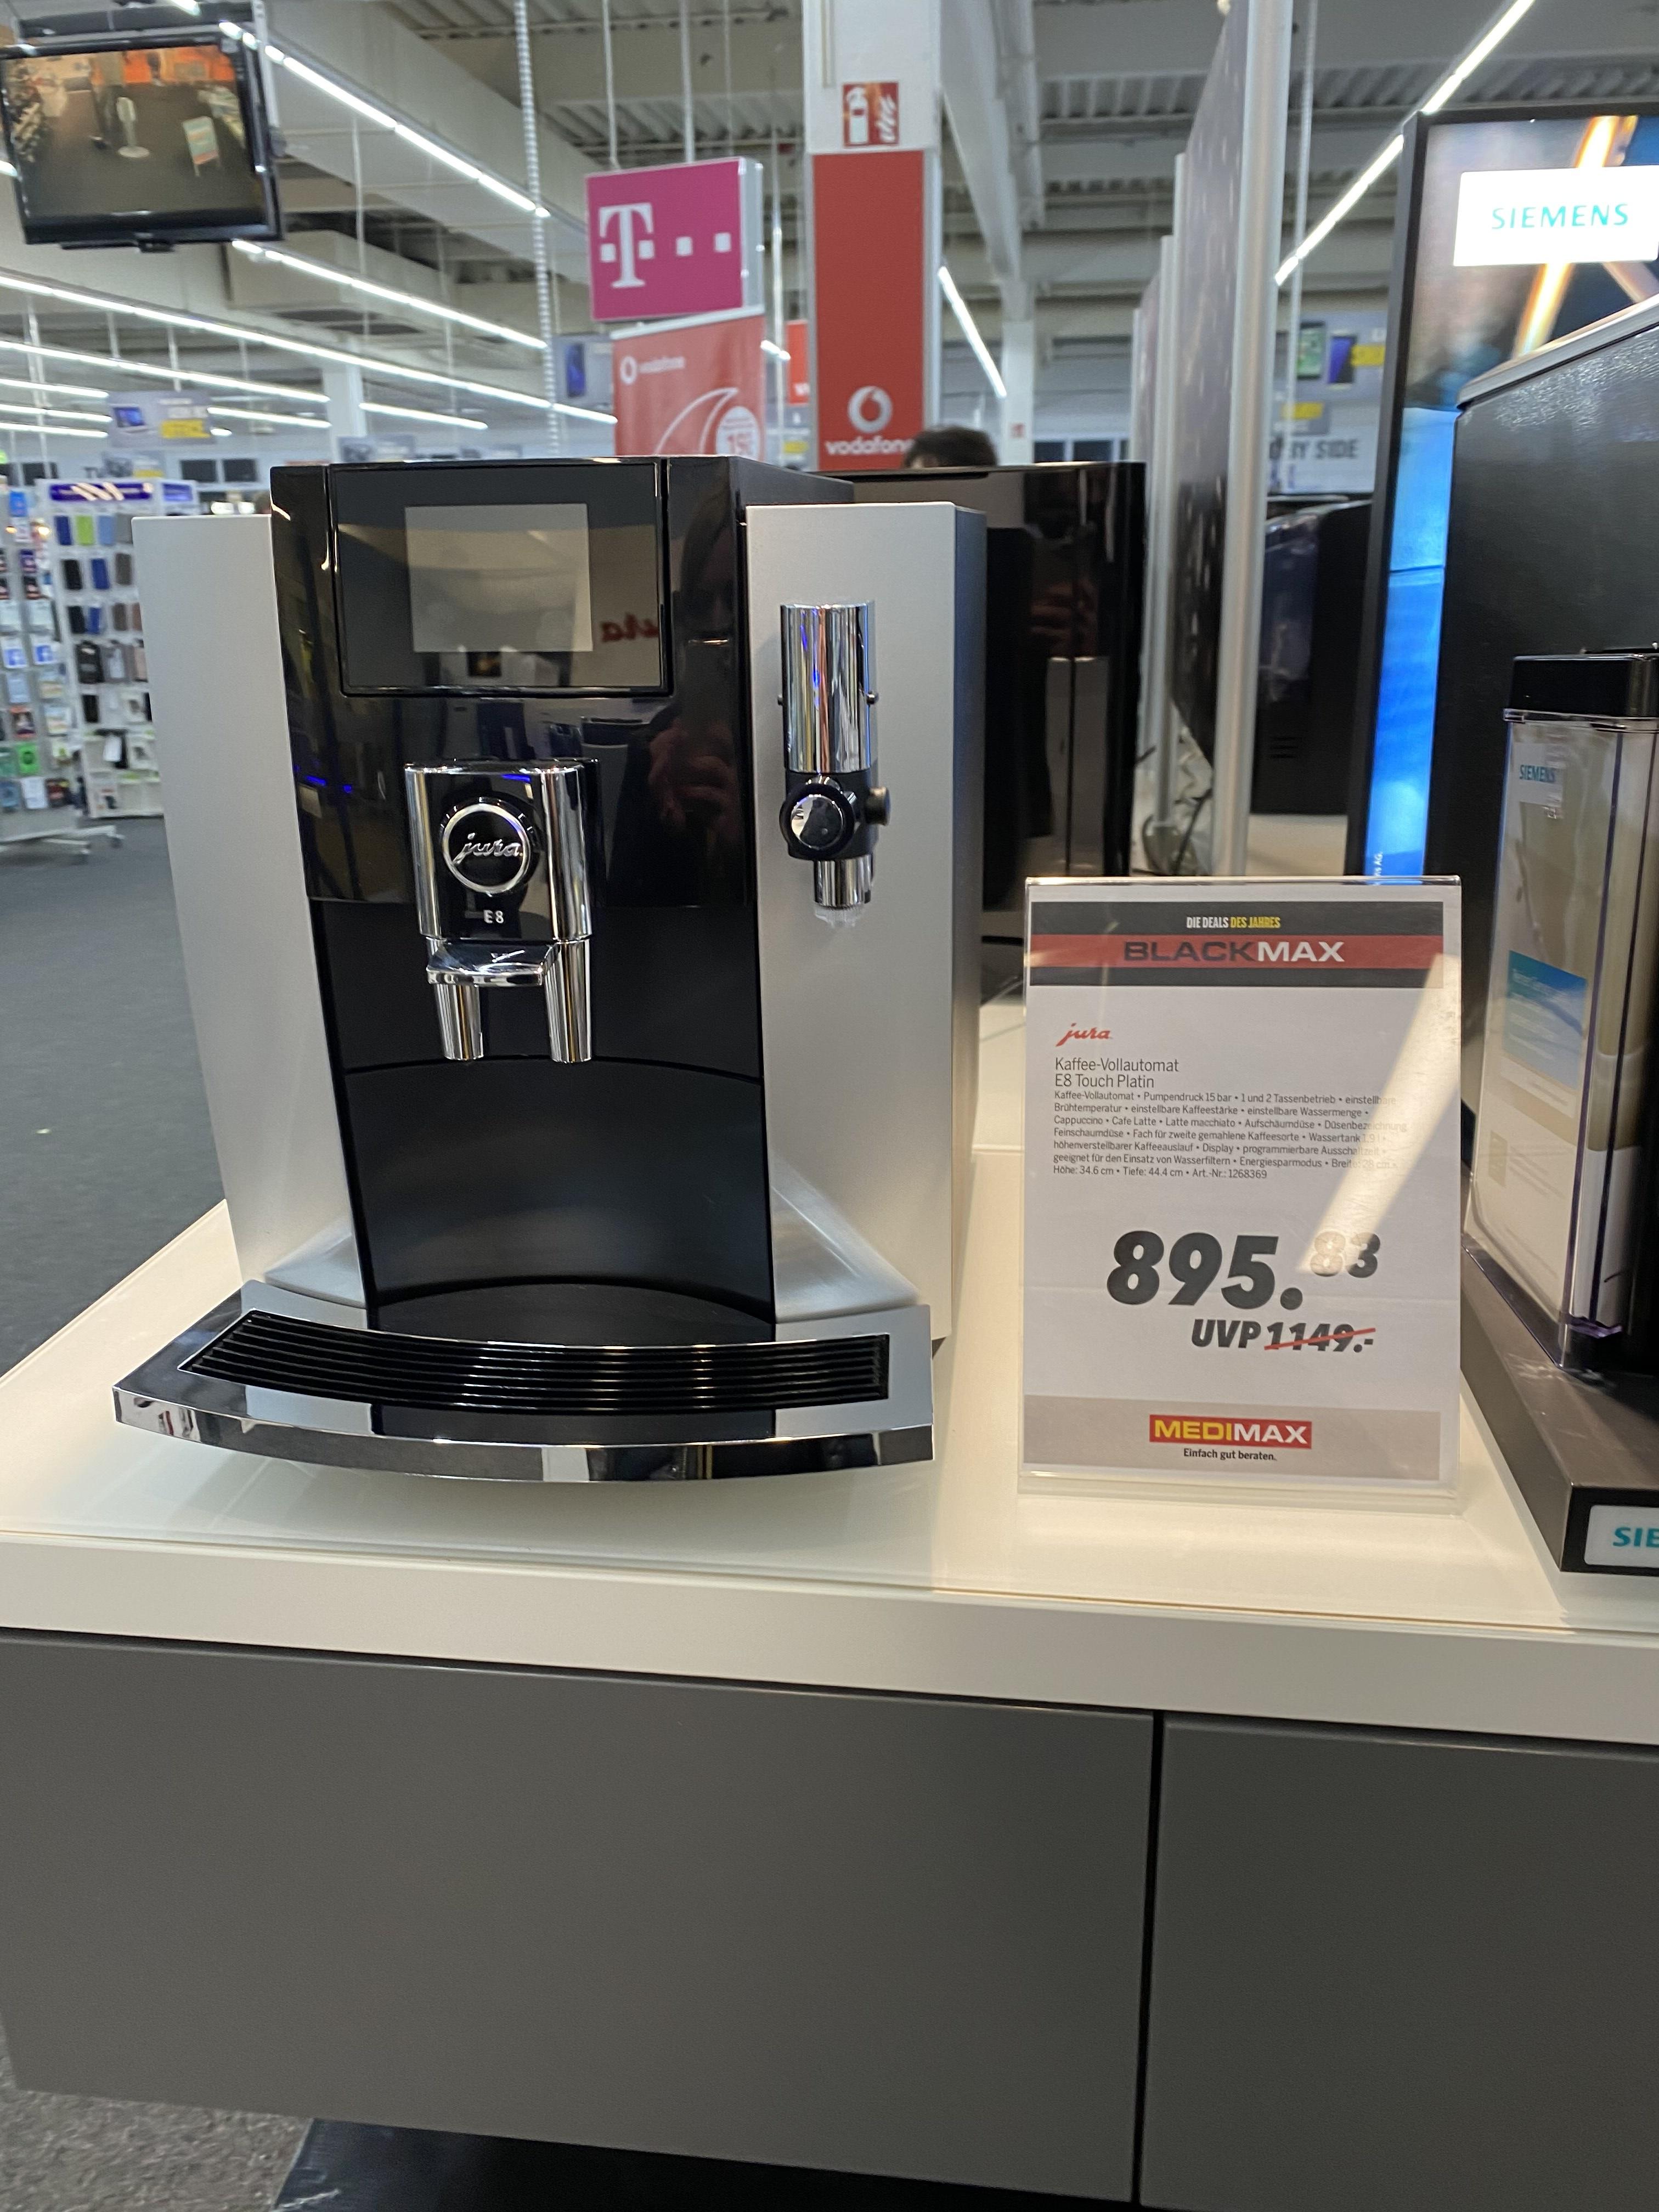 Lokal in Dortmund Kaffeevollautomat Jura E8 Touch Platin